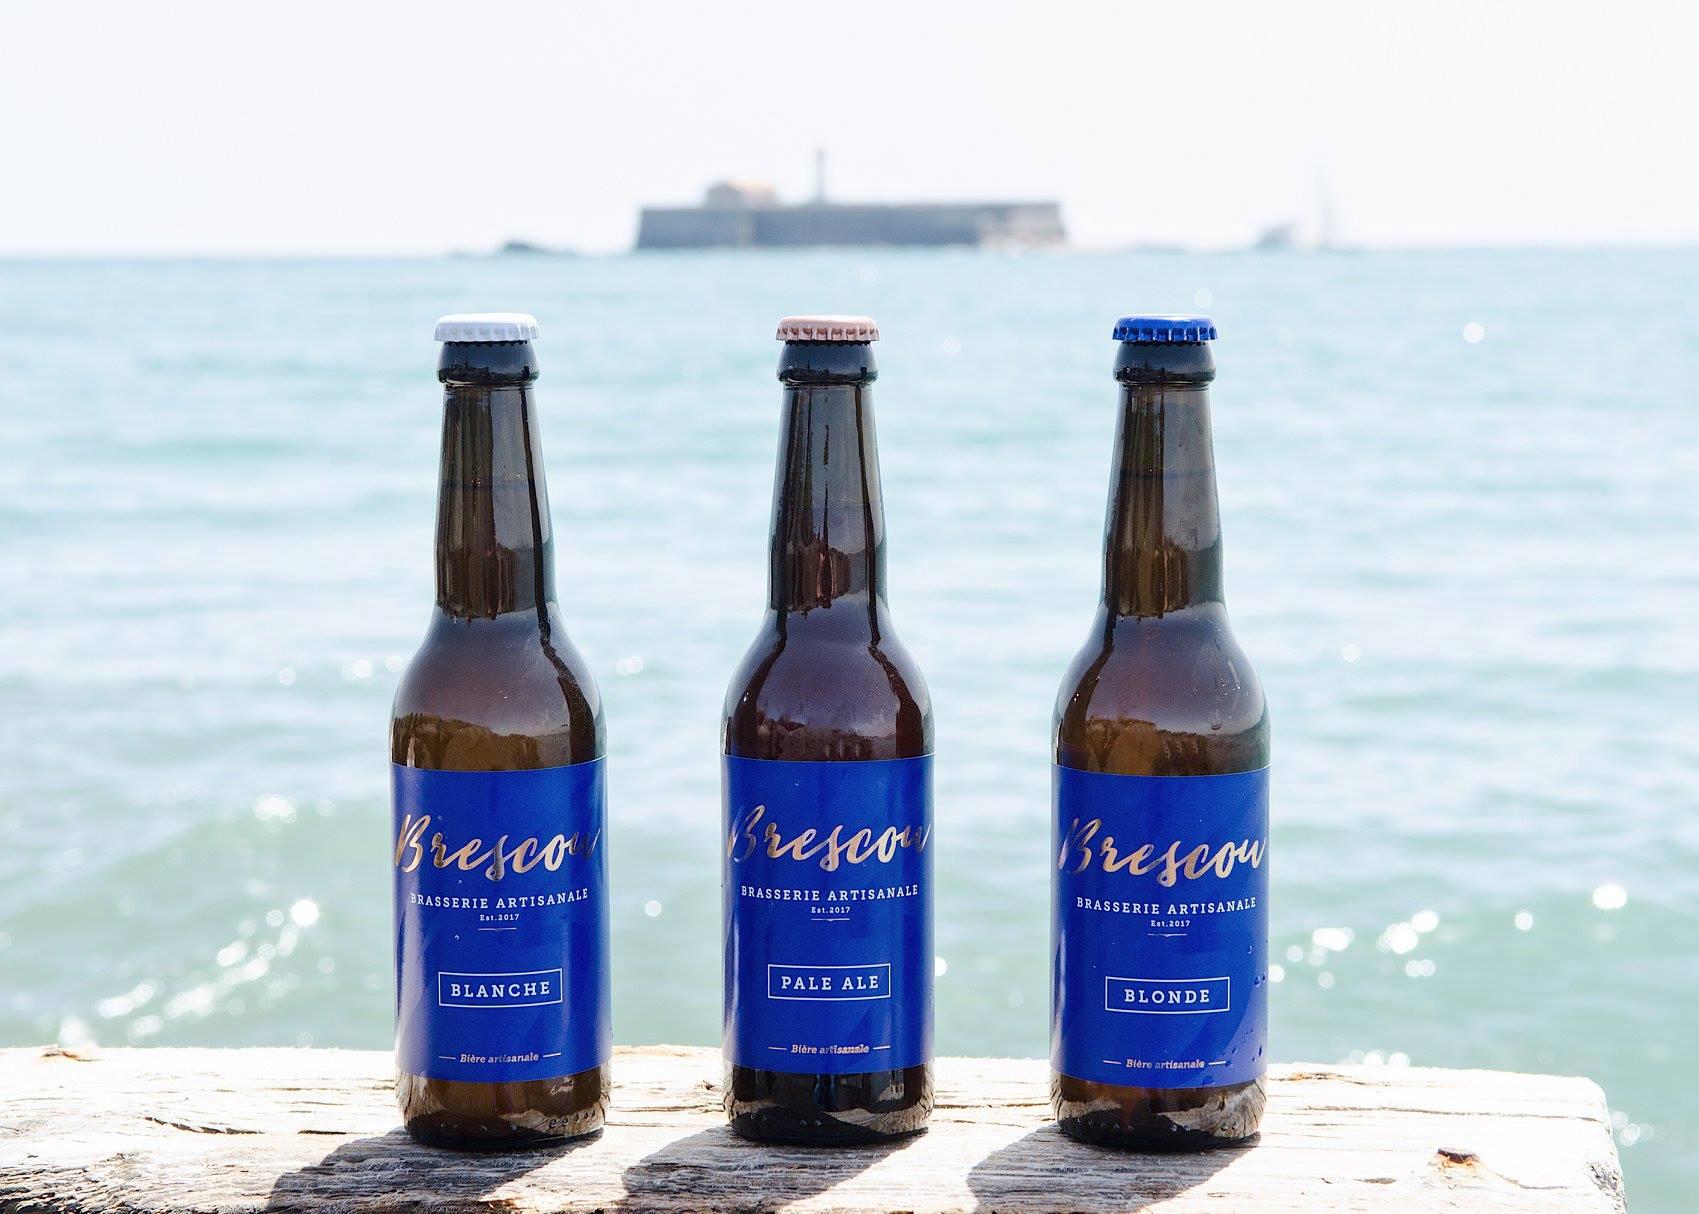 3 bouteilles de bières, avec en arrière plant le Fort de Brescou, fabriquées par la Brasserie Artisanale Brescou - Cap d'Agde